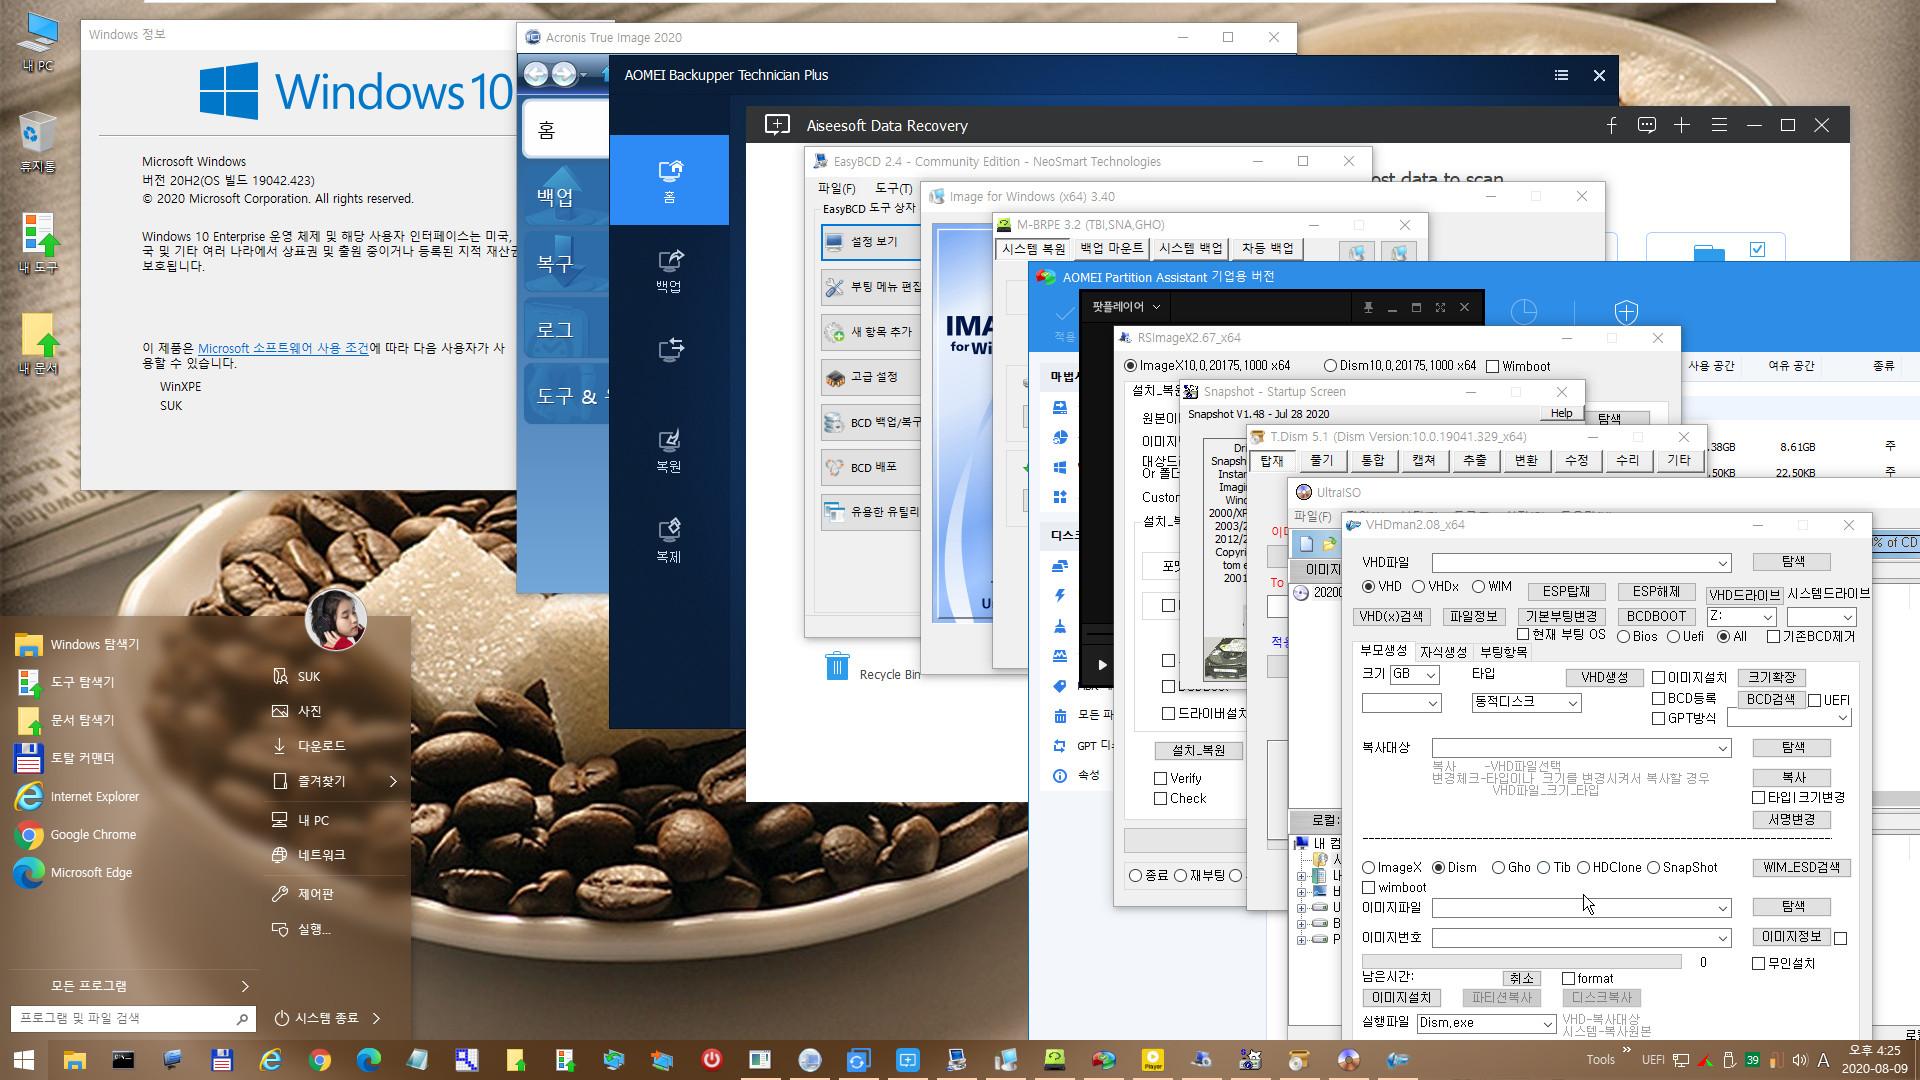 Win10XPE81으로 PE 만들기 테스트 - Windows 10 버전 20H2,19042.423 iso 사용 - 프로그램들 실행은 잘 됩니다 2020-08-09_162541.jpg